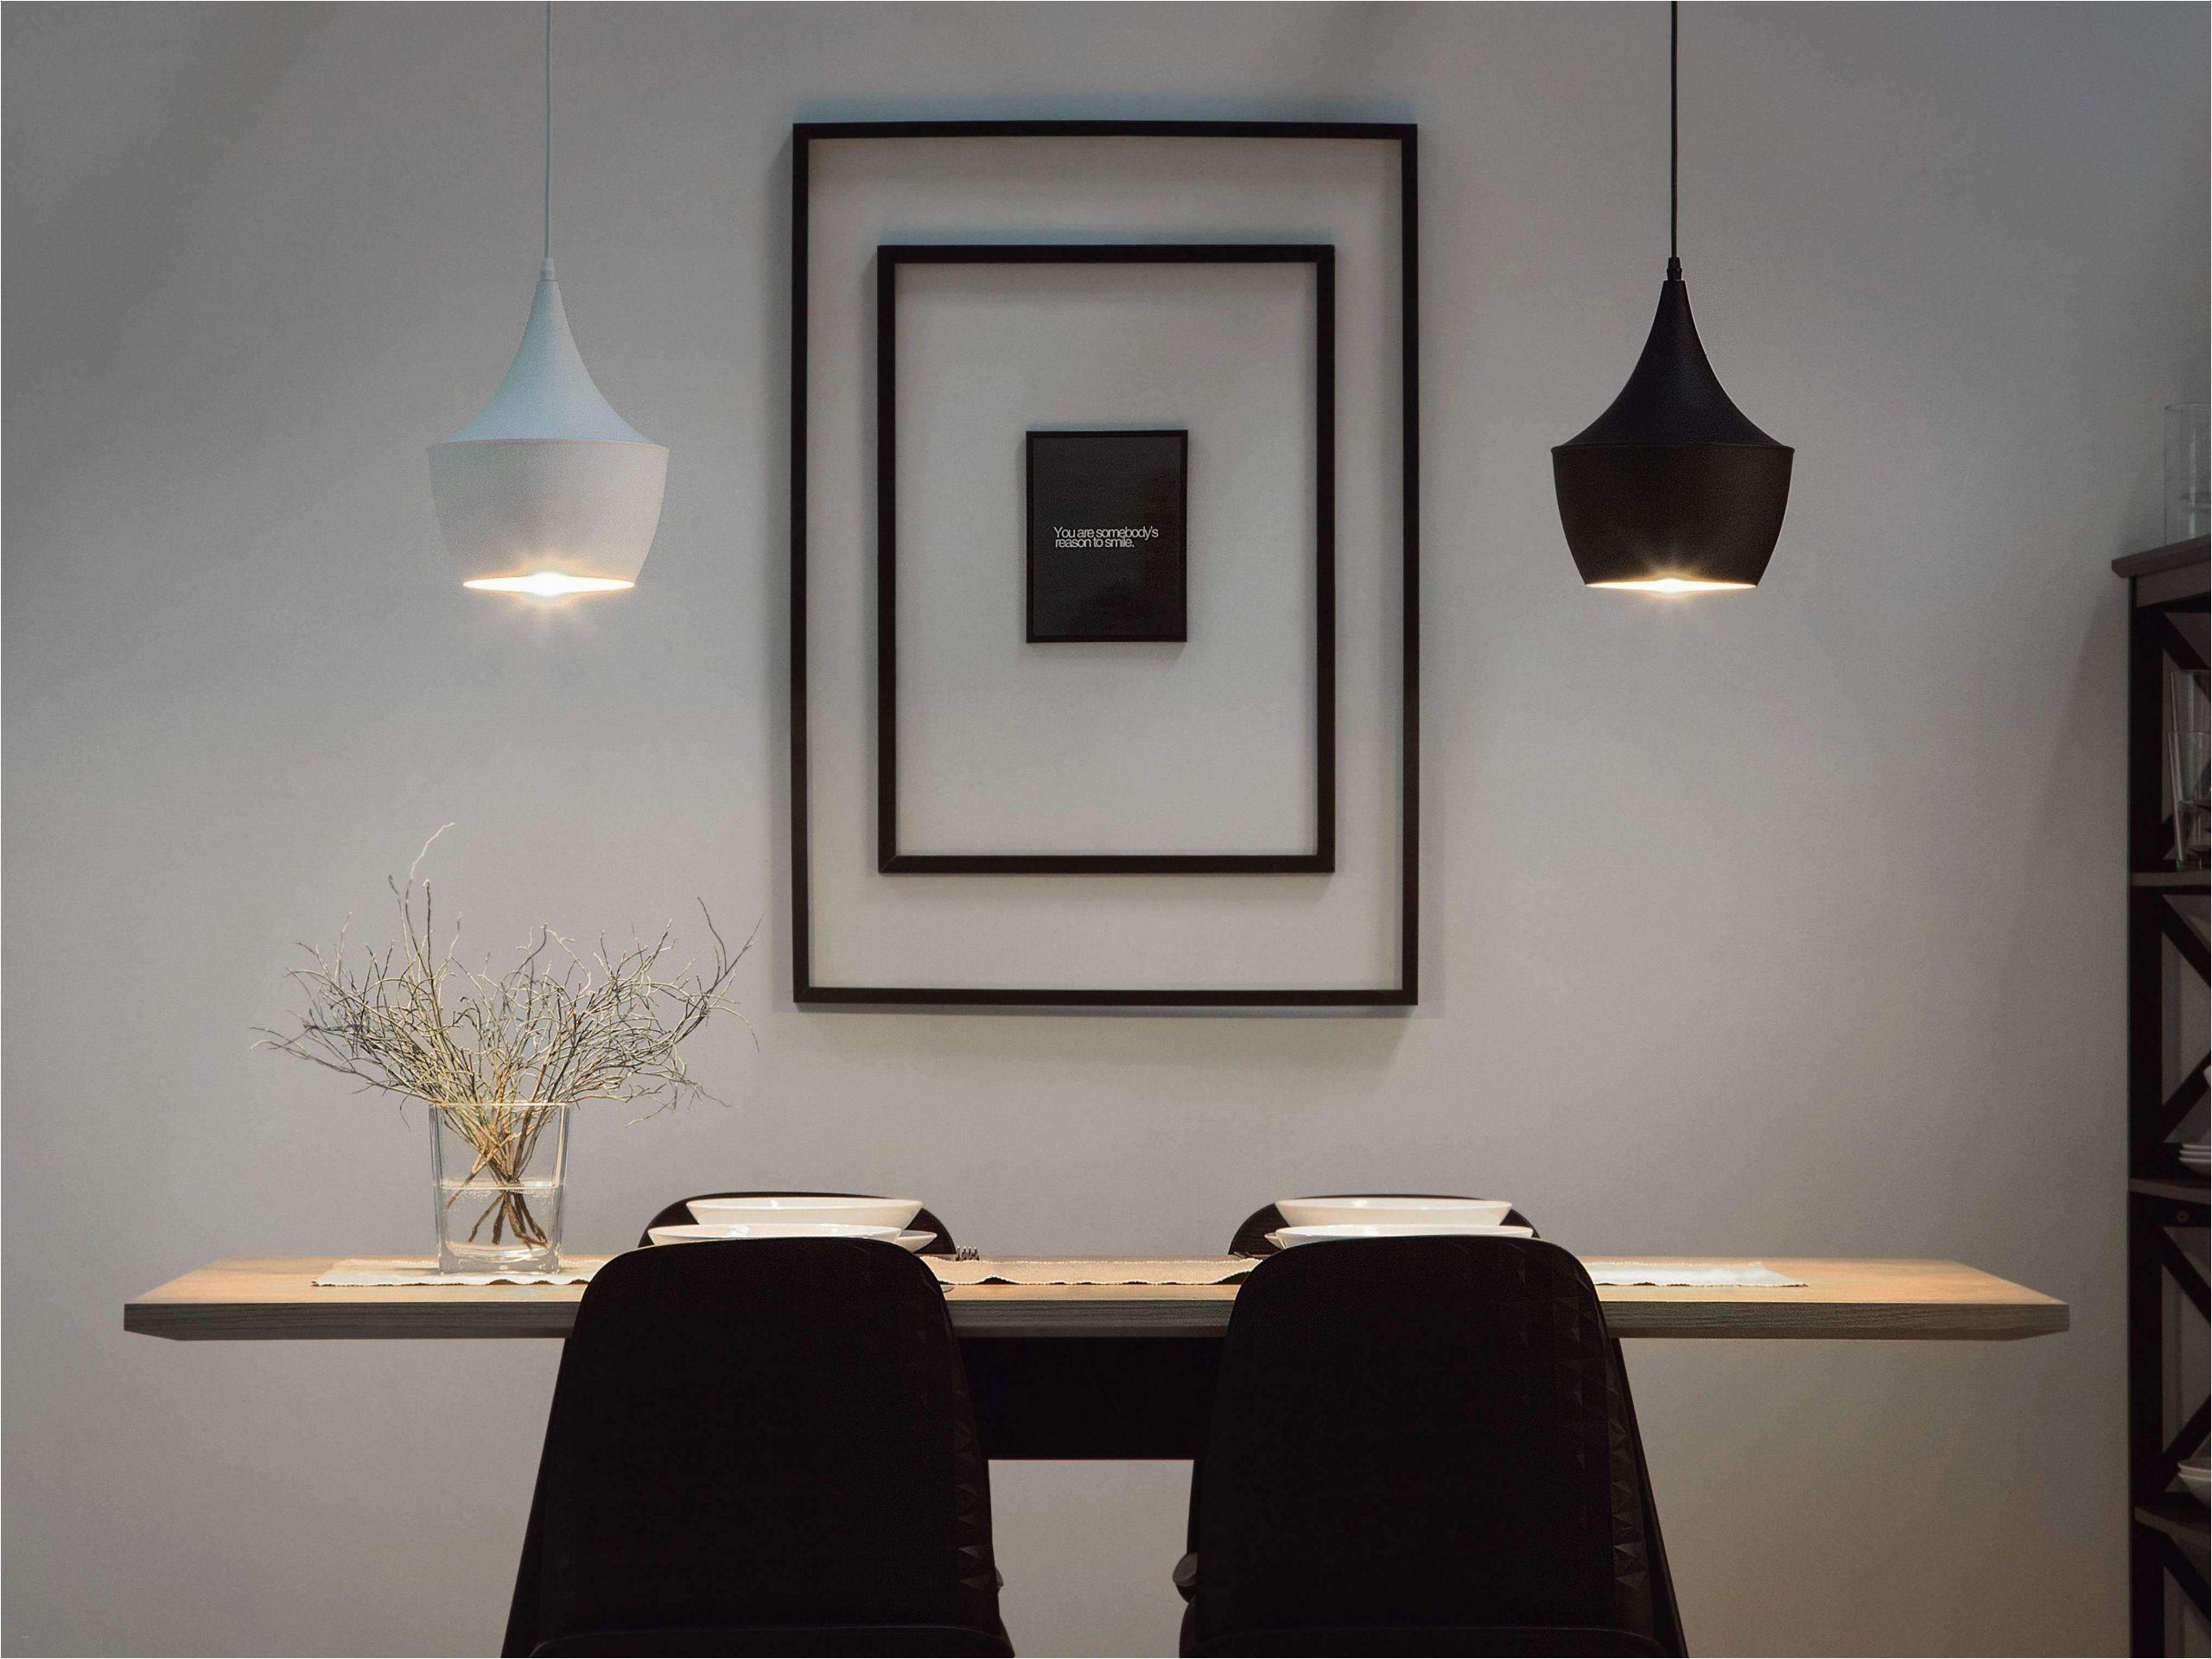 indirektes licht wohnzimmer inspirierend 41 inspirierend wohnzimmer licht of indirektes licht wohnzimmer scaled